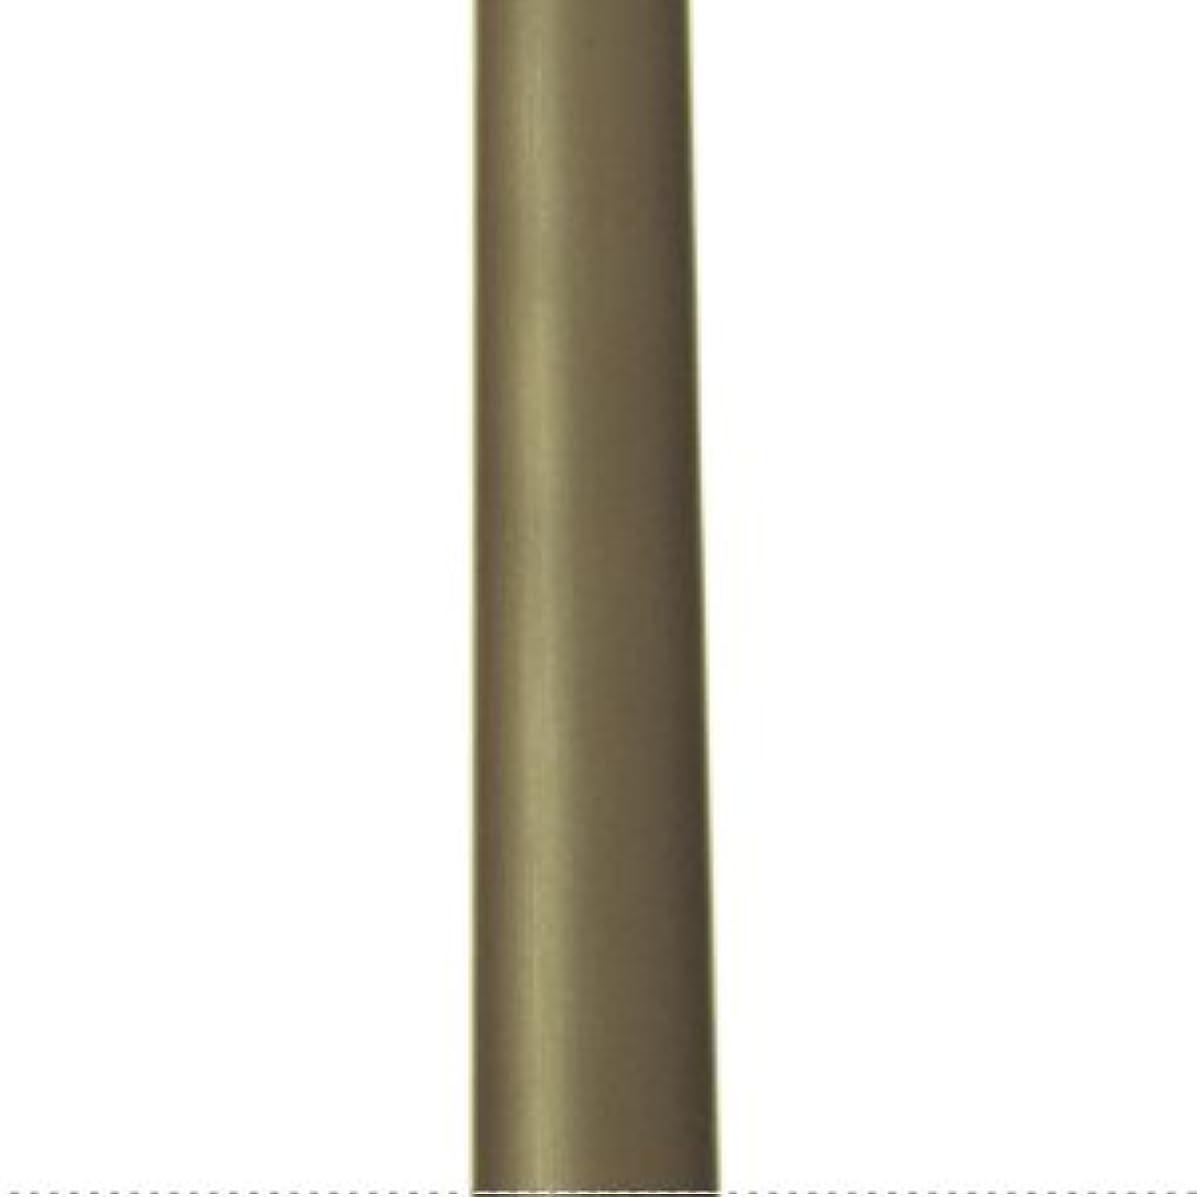 生活ほとんどの場合プログレッシブテーパーキャンドル クラッシー マルーン 蝋燭